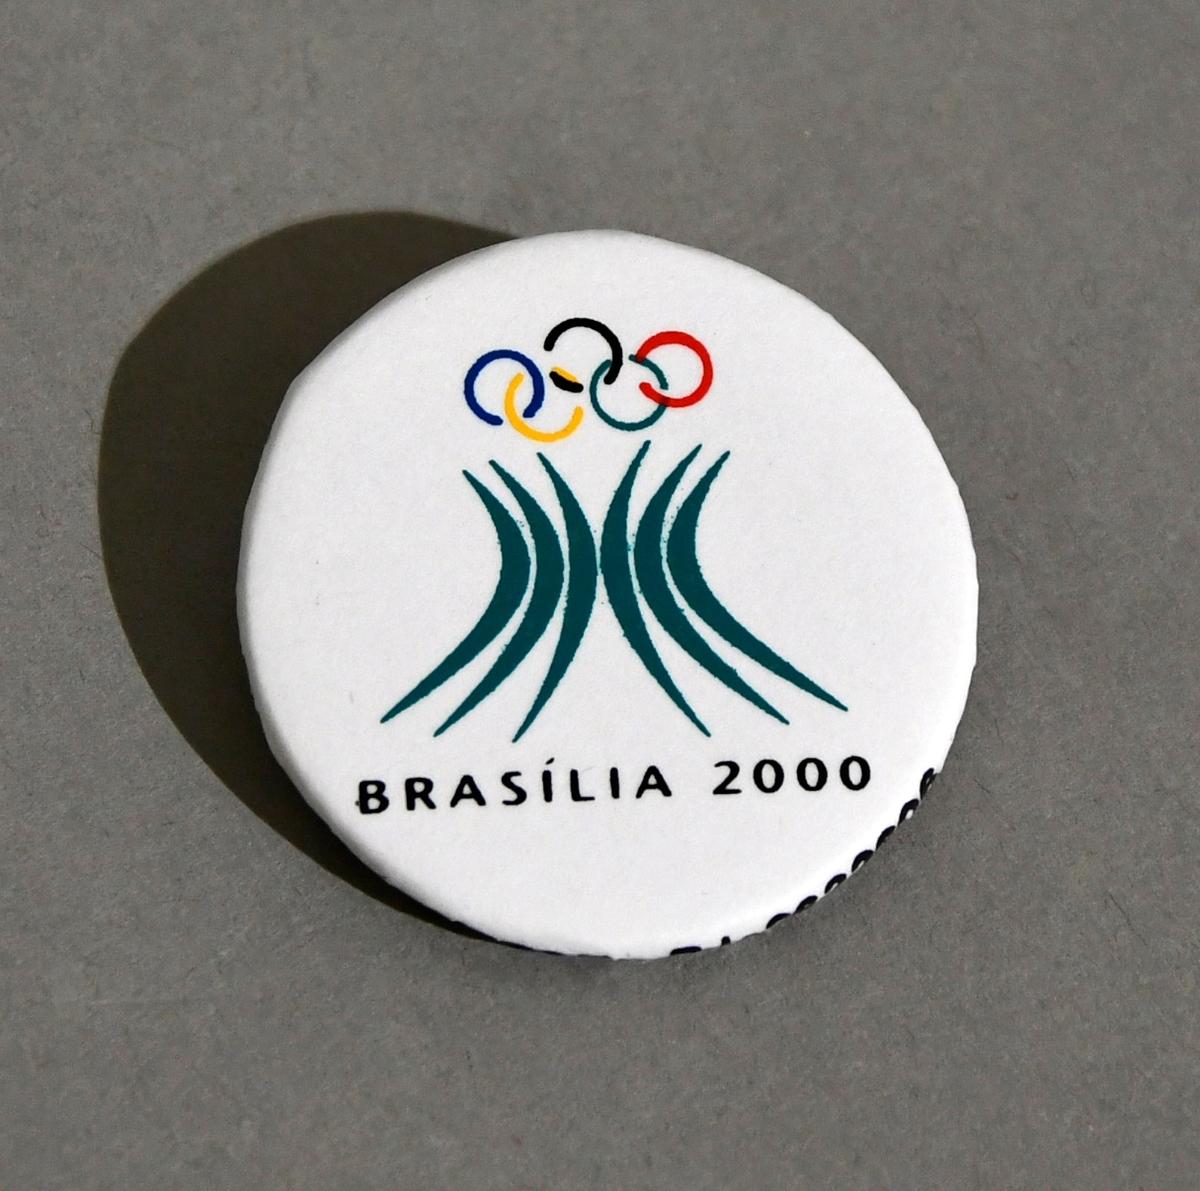 Hvit button med emblemet for søkerbyen Brasilia, for sommer-OL i 2000